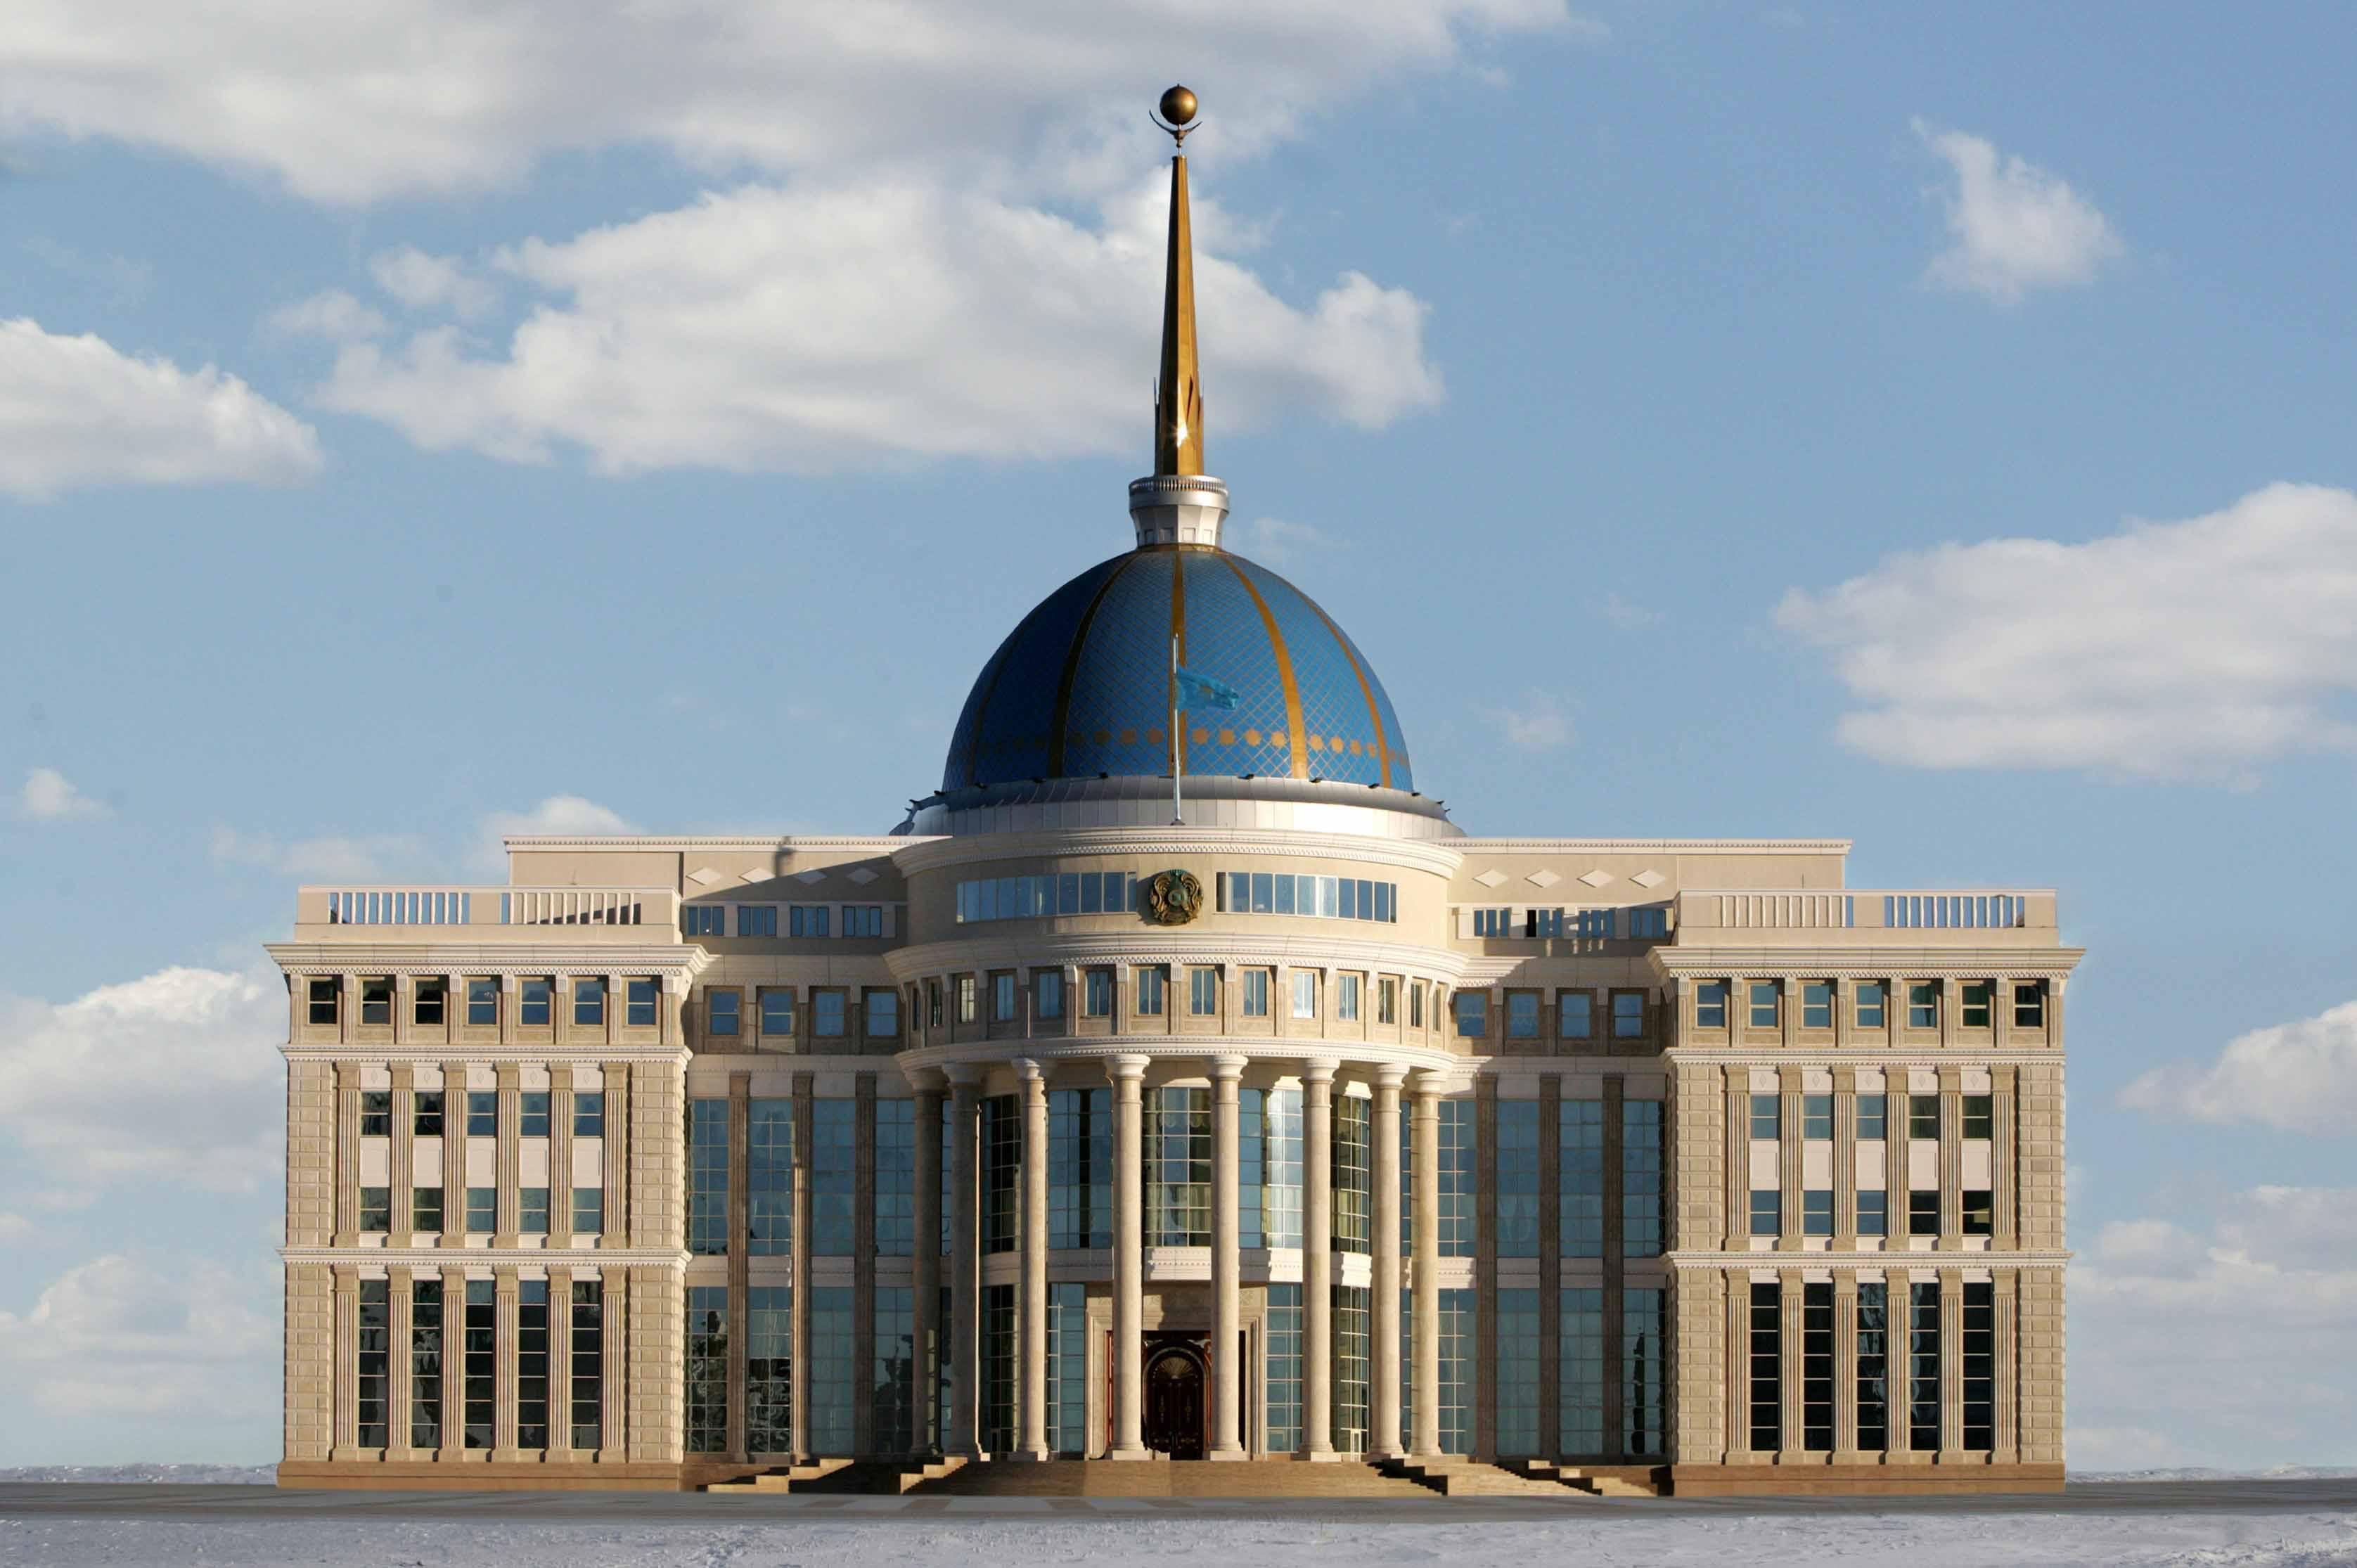 Жаңа әкімдер тағайындалғанға дейін бұрынғылар міндеттерін атқара береді , Президент, Қасым-Жомарт Тоқаев, жарлық, облыс әкімдері